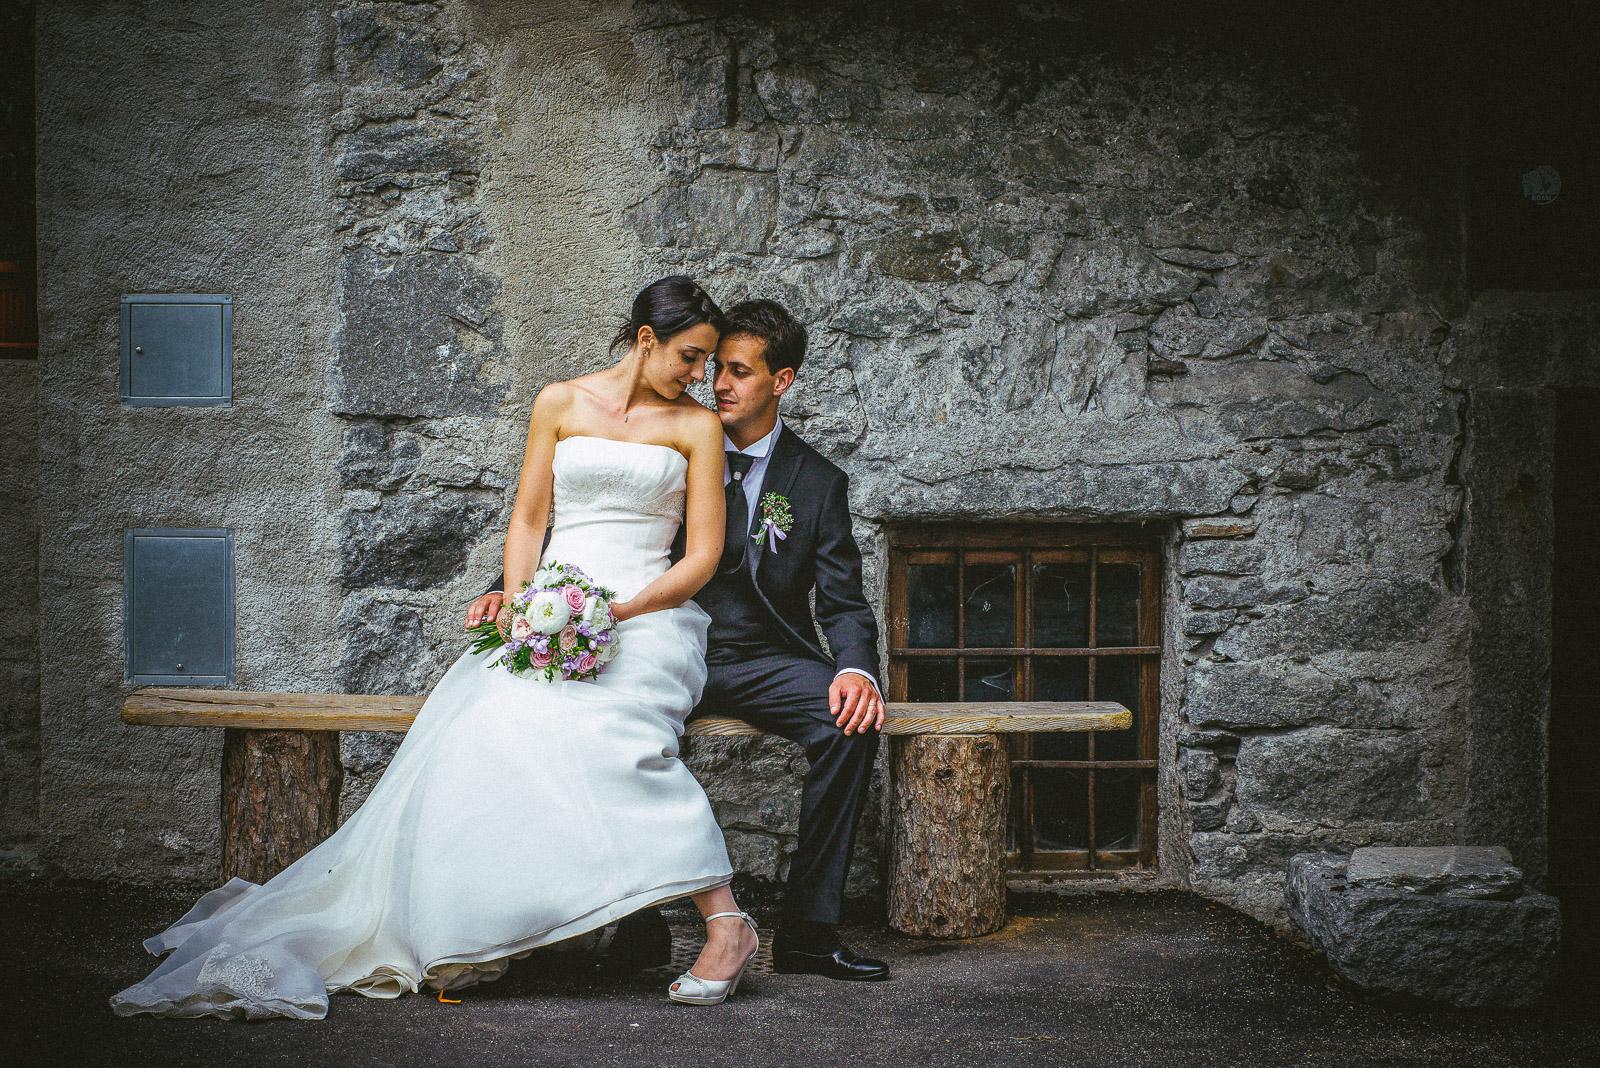 fotografo matrimonio grosio, Mara e Michele